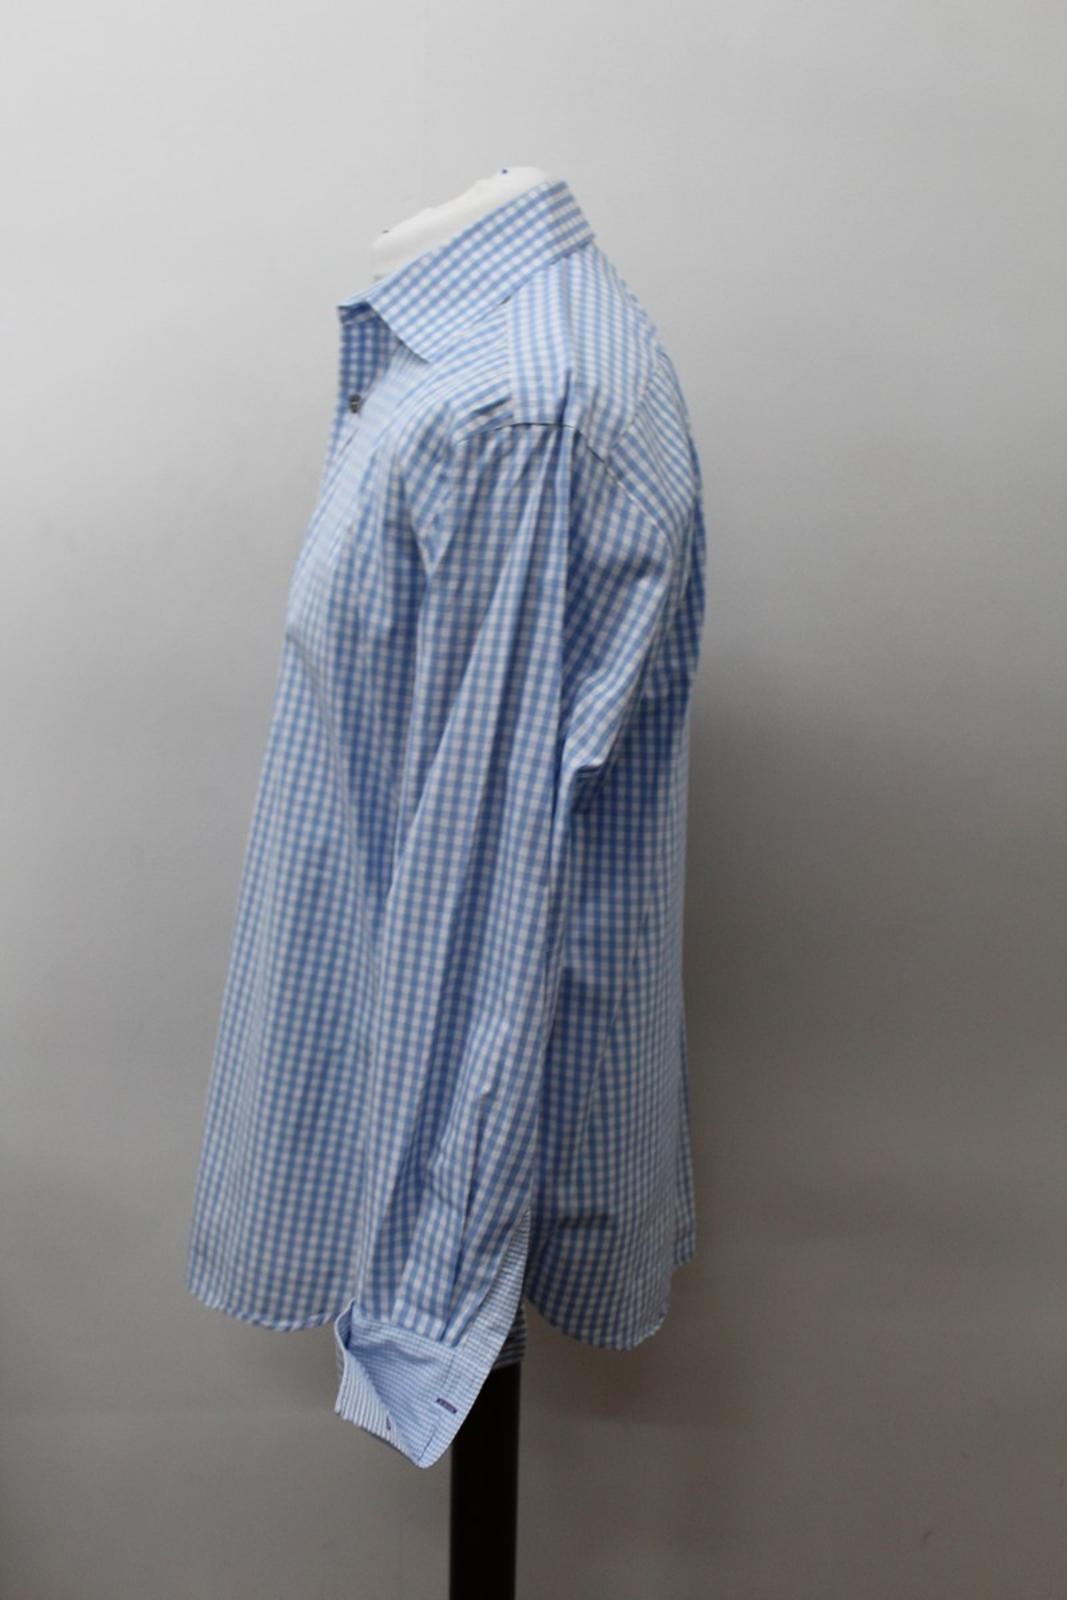 Paul-Smith-Para-Hombre-Camisa-Azul-Blanco-Algodon-comprobado-Formal-Cuello-16-5-034-42cm miniatura 6